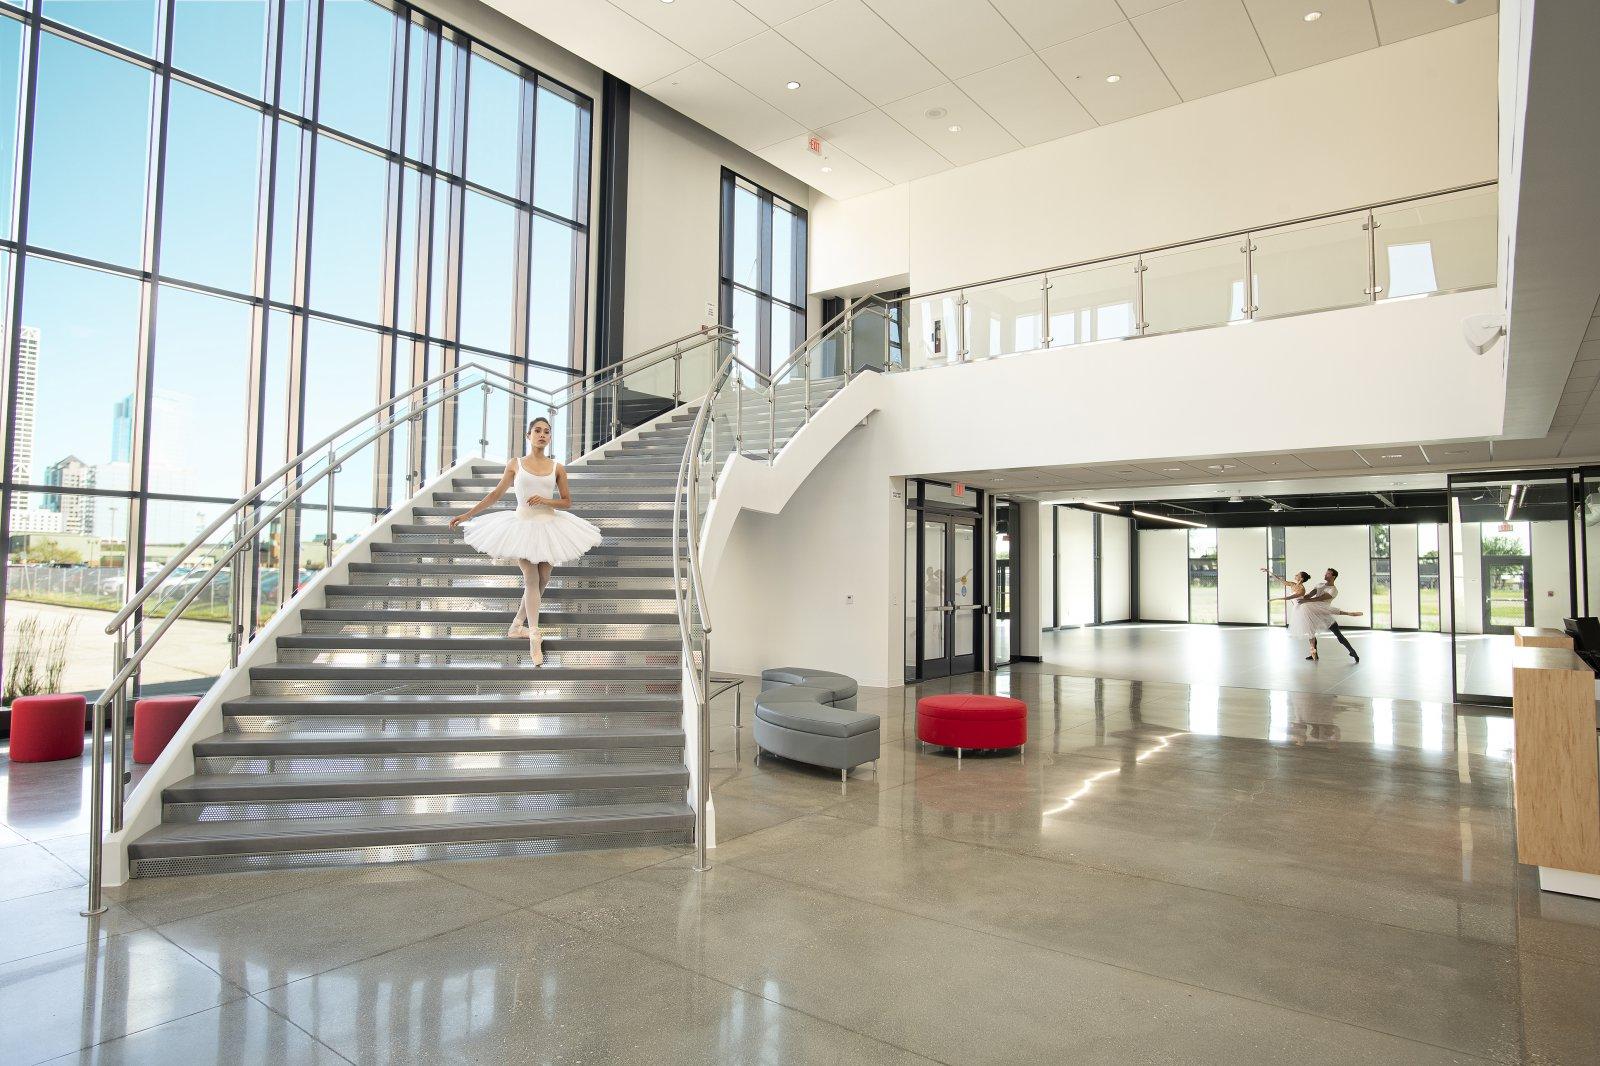 Herzfeld Atrium at Baumgartner Center for Dance